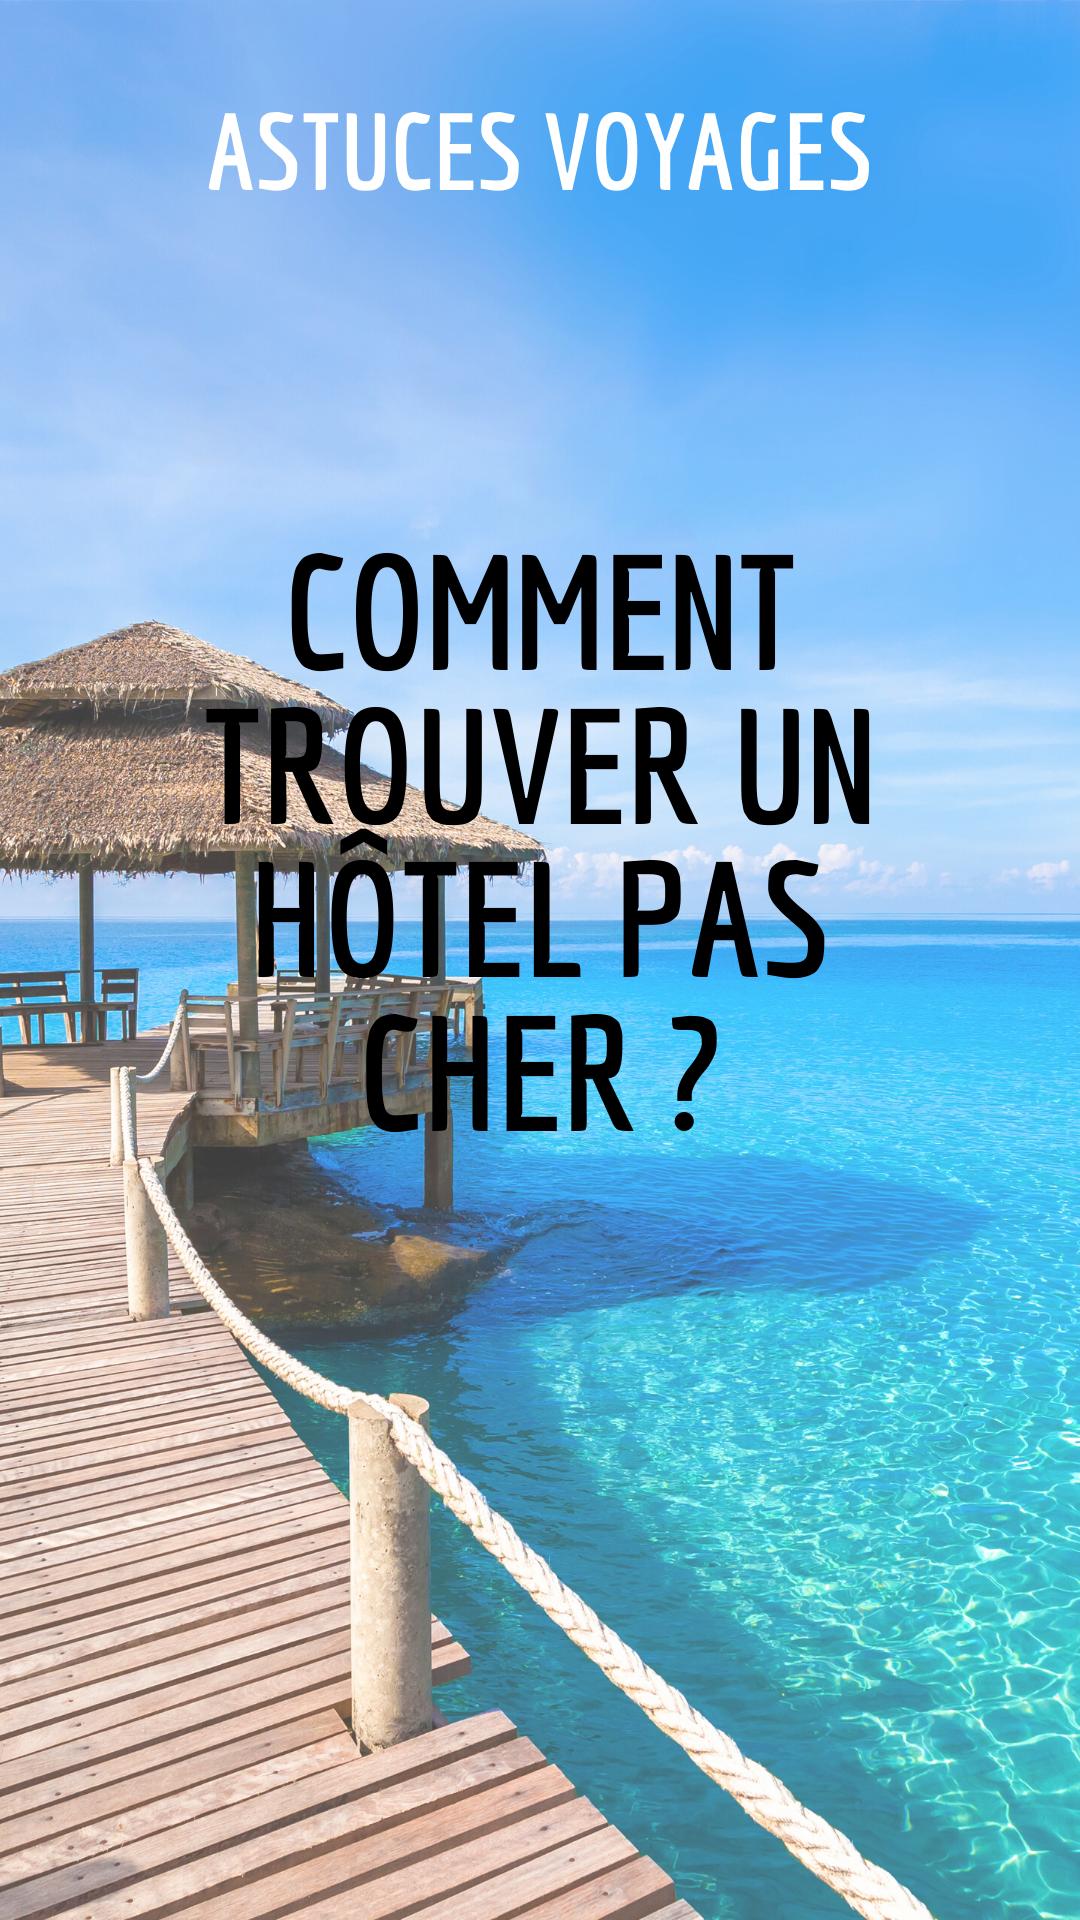 Les 7 Criteres D Un Hotel Pas Cher En 2020 Voyage Petit Budget Comment Trouver Astuces Voyage